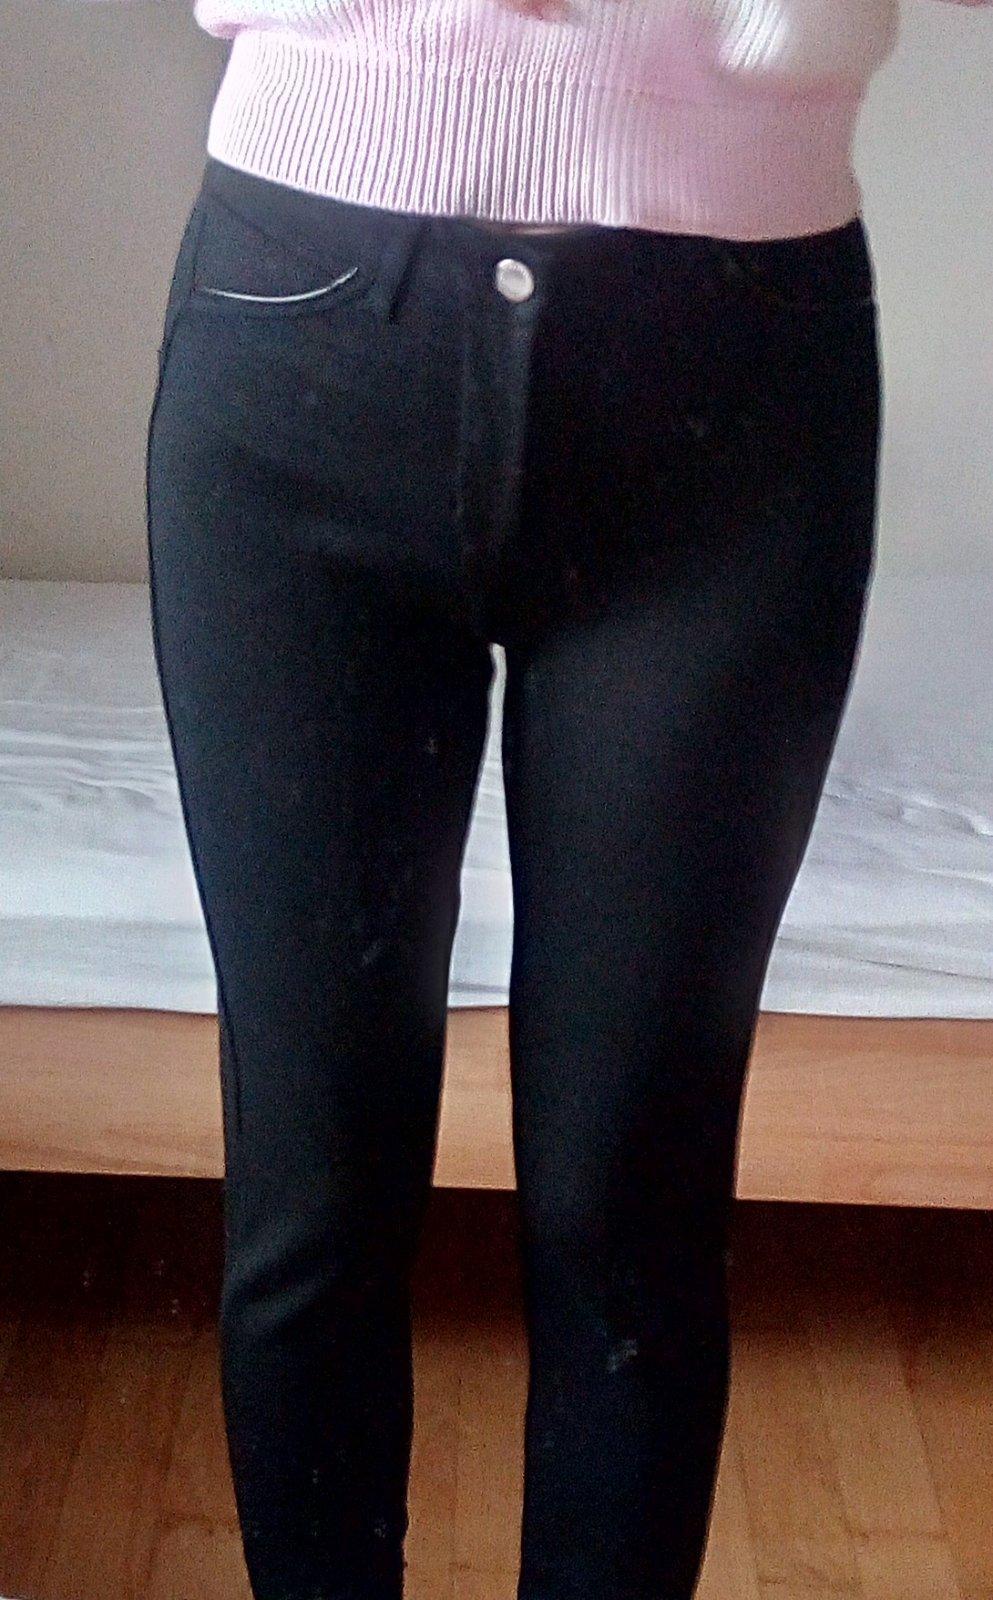 Čierne elegantné nohavice - Obrázok č. 1